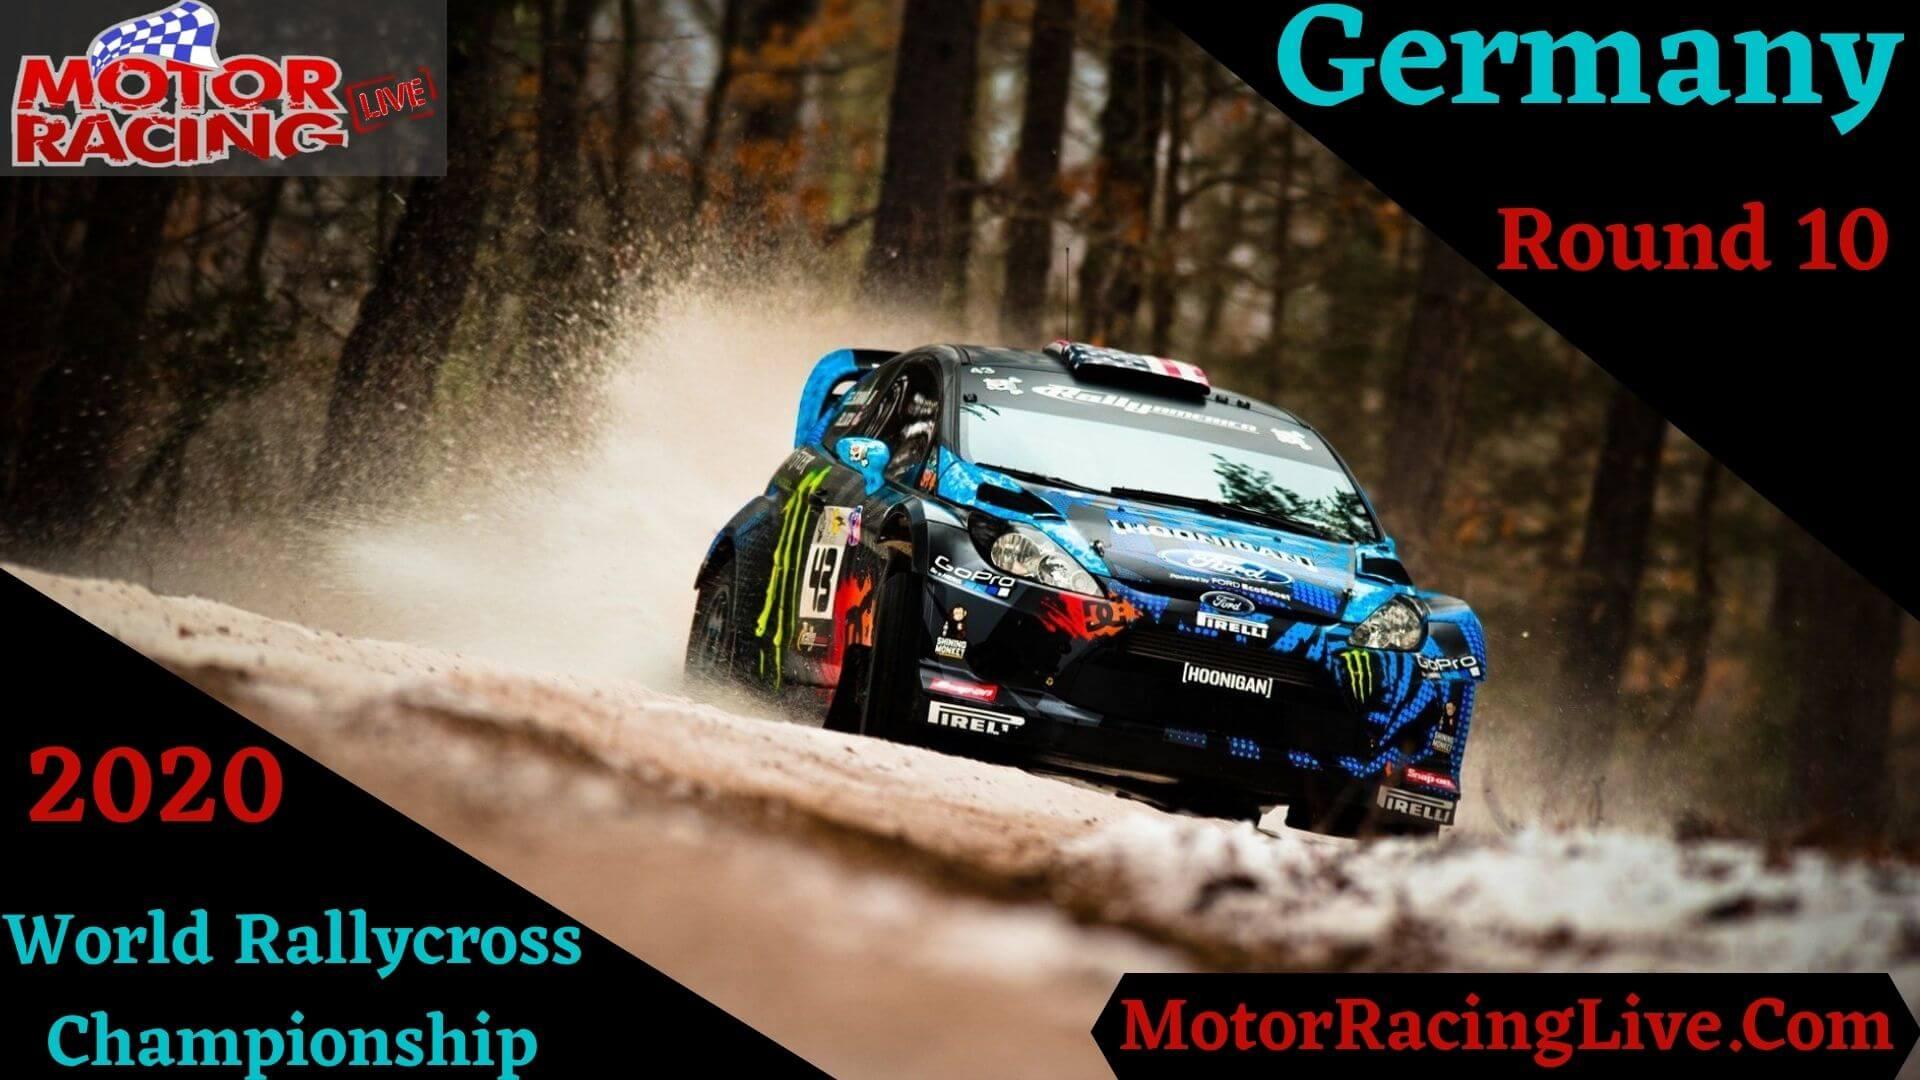 Germany Rd 10 Live Stream 2020 | Rallycross RX